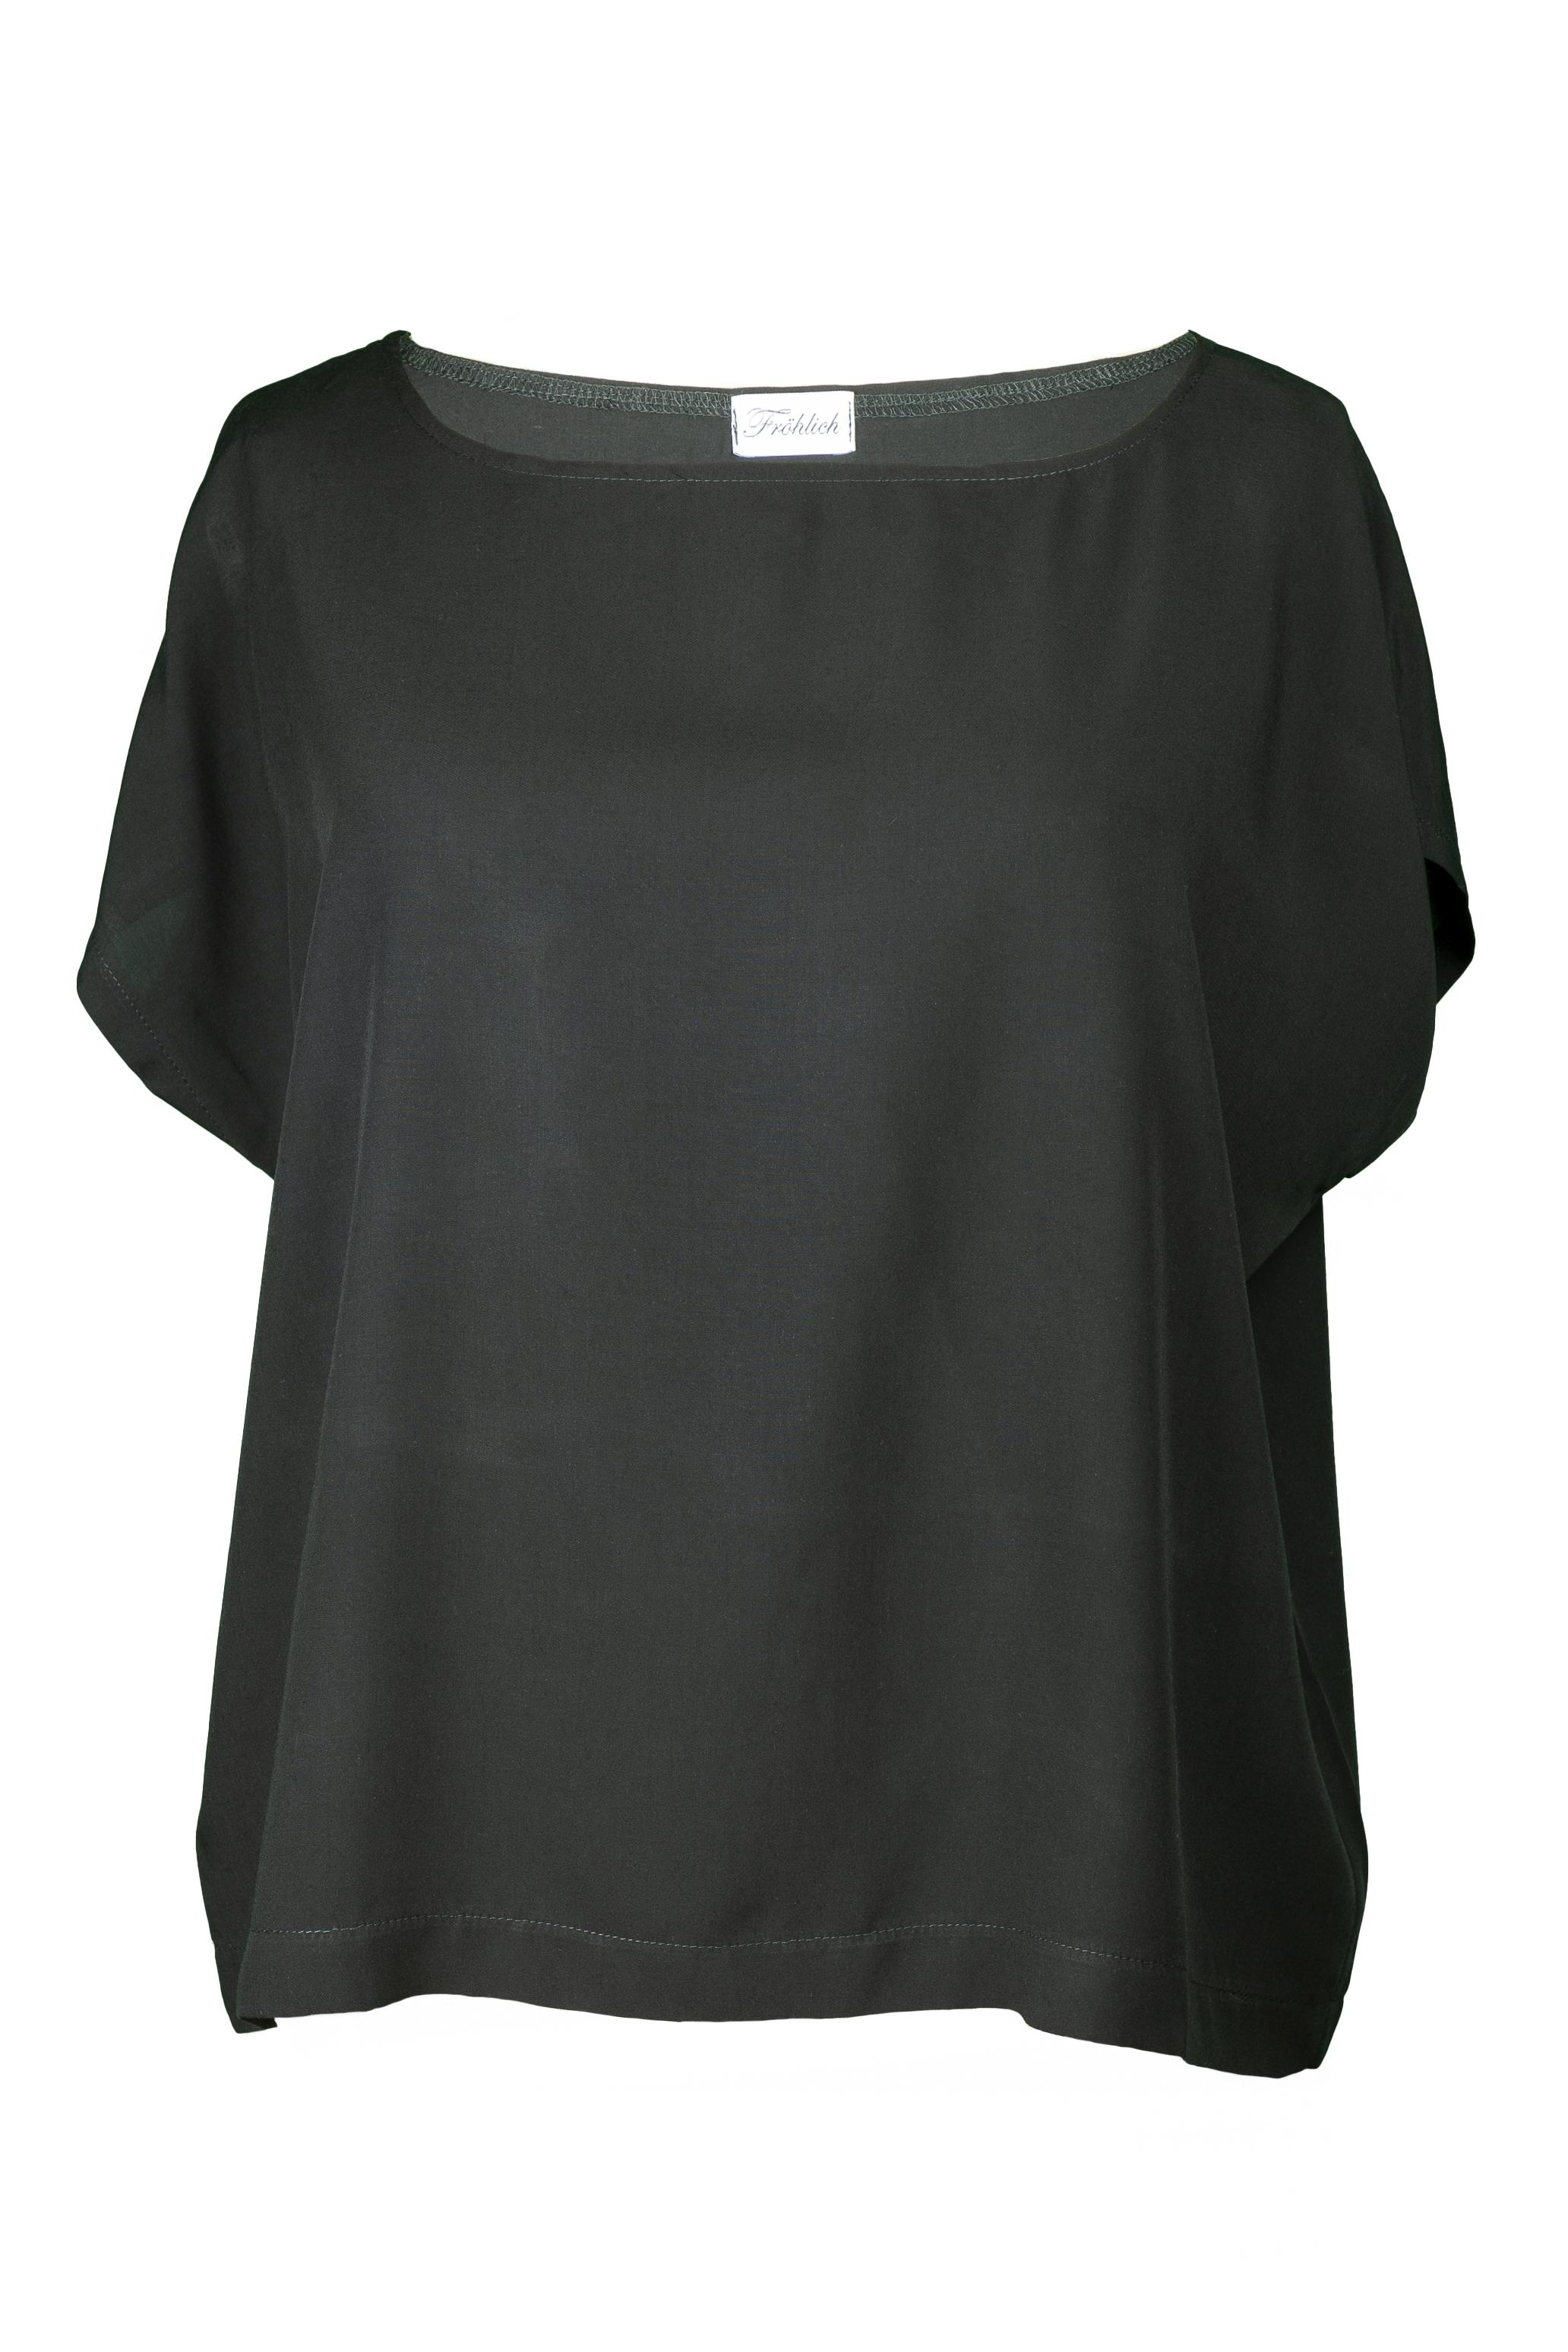 6 Shirt 5 KA Vorderseite (c)dorisfroehlich